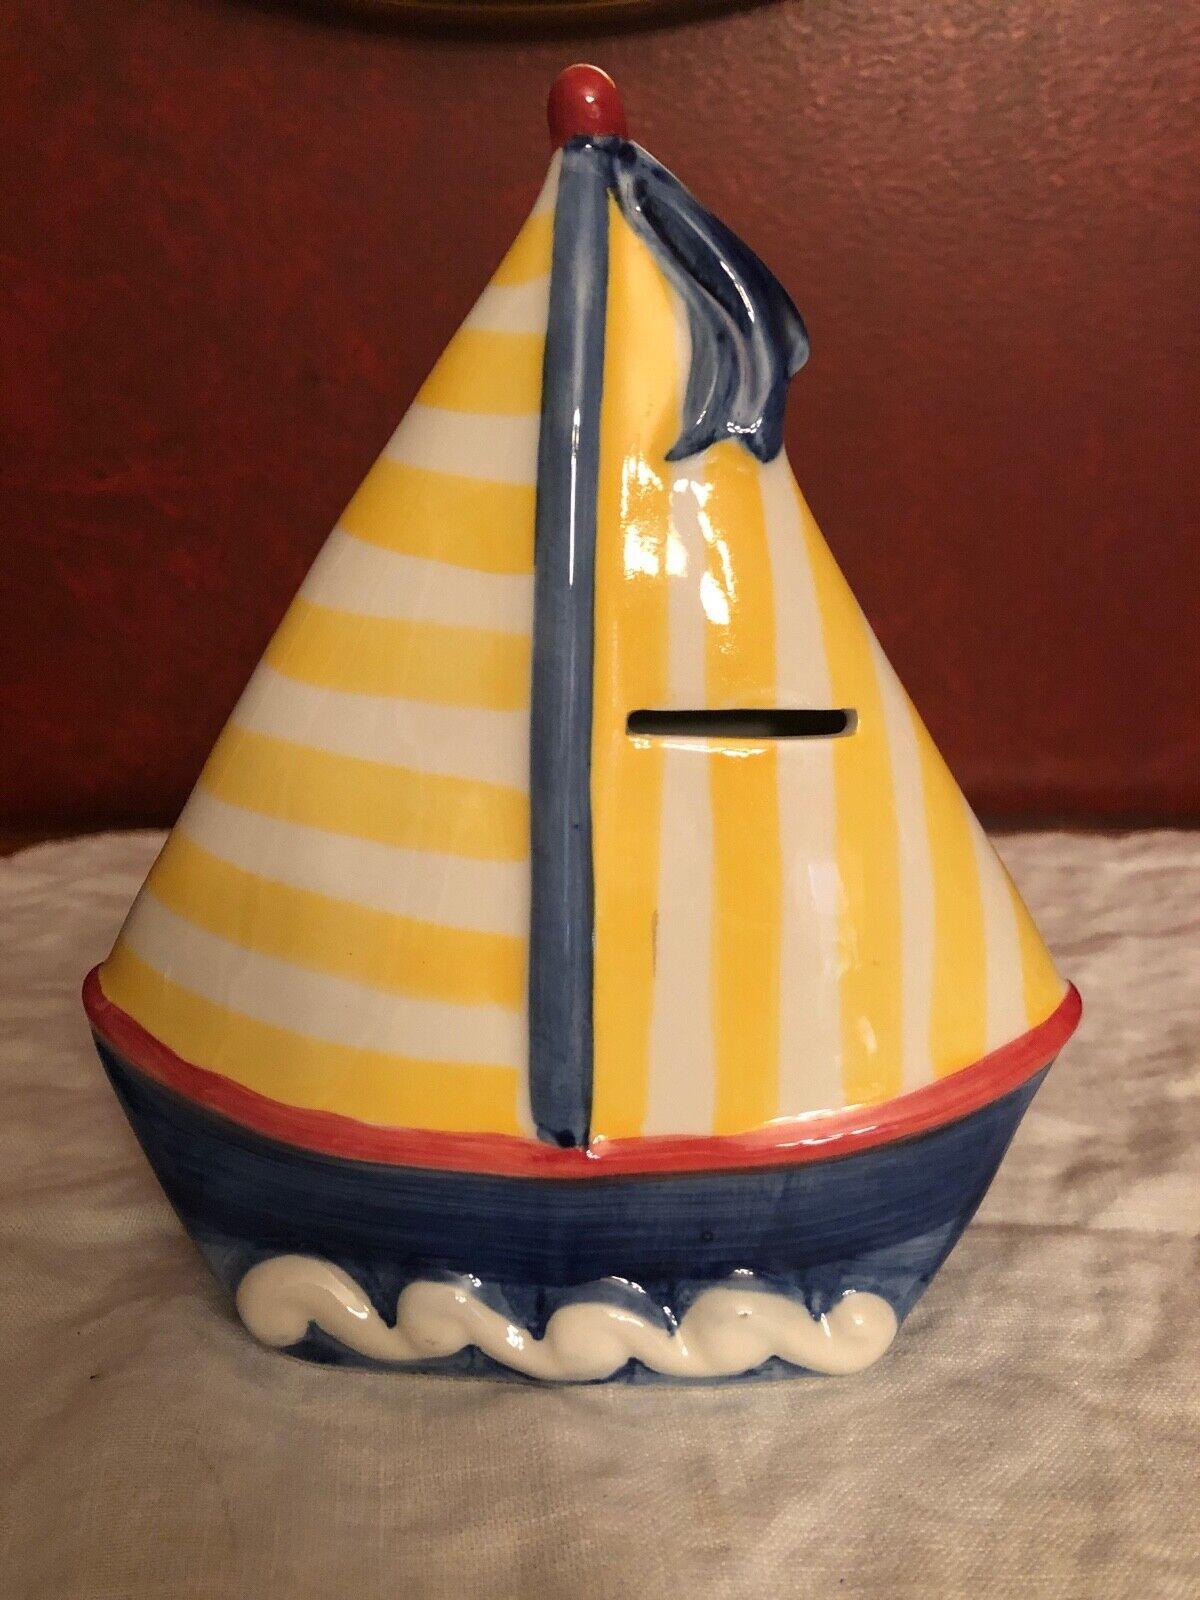 Andrea Sadek Sailboat Coin Bank, Blue Hull With Yellow Striped Mast - $9.95